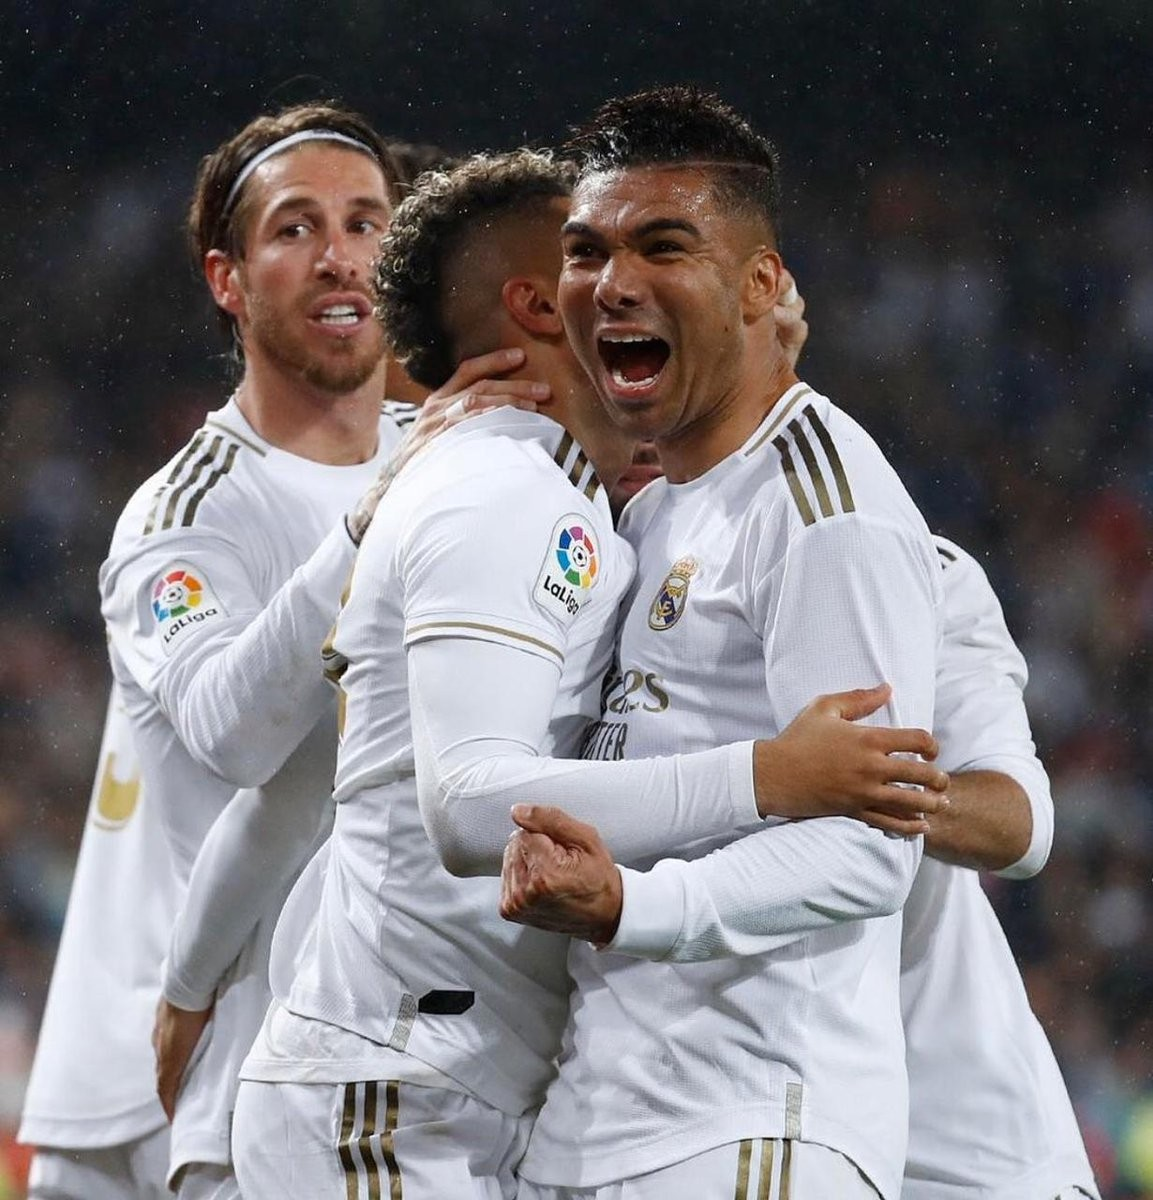 كاساميرو موديريتش الريال ريال مدريد.jpg